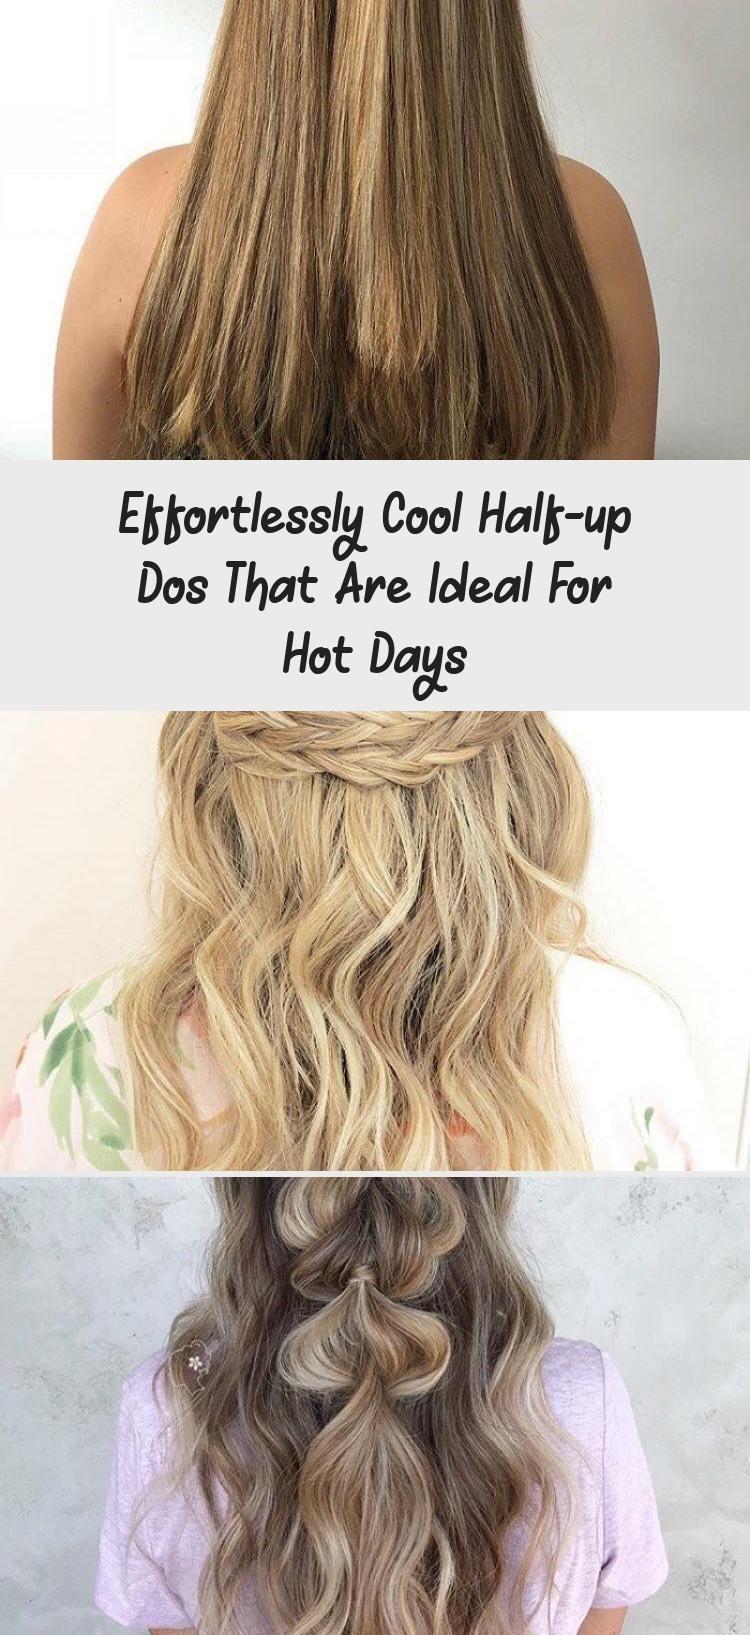 Mühelos coole Half-up-Dos, die ideal für heiße Tage sind – Frisur